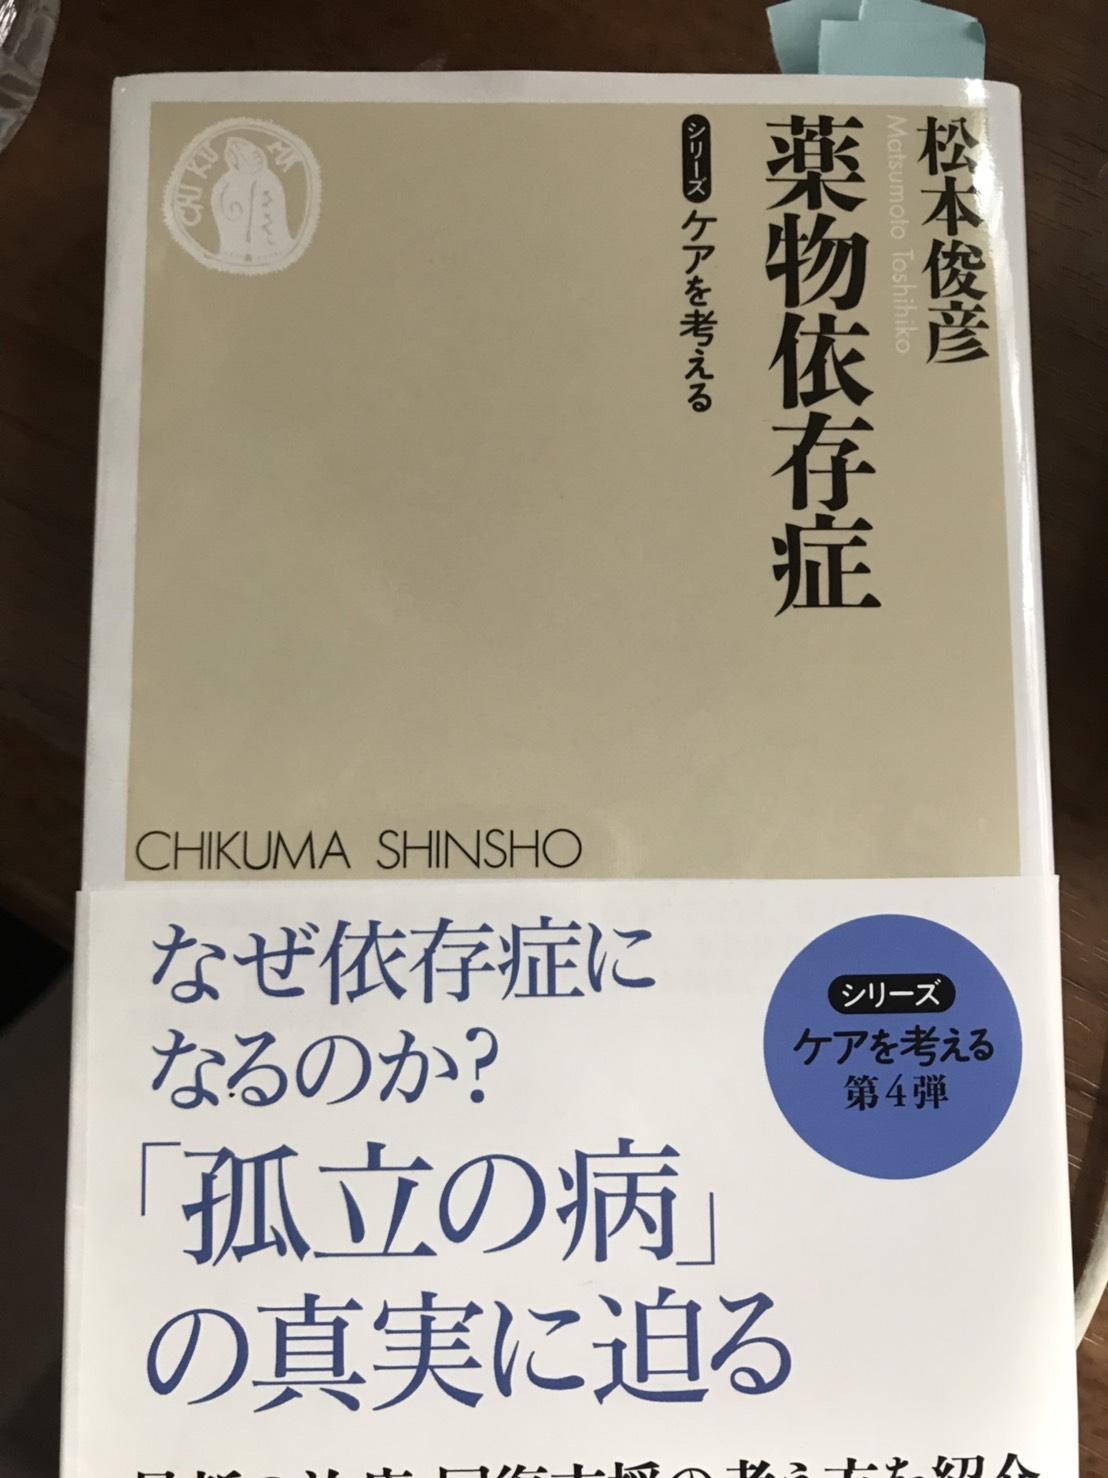 松本俊彦先生著「薬物依存症」です